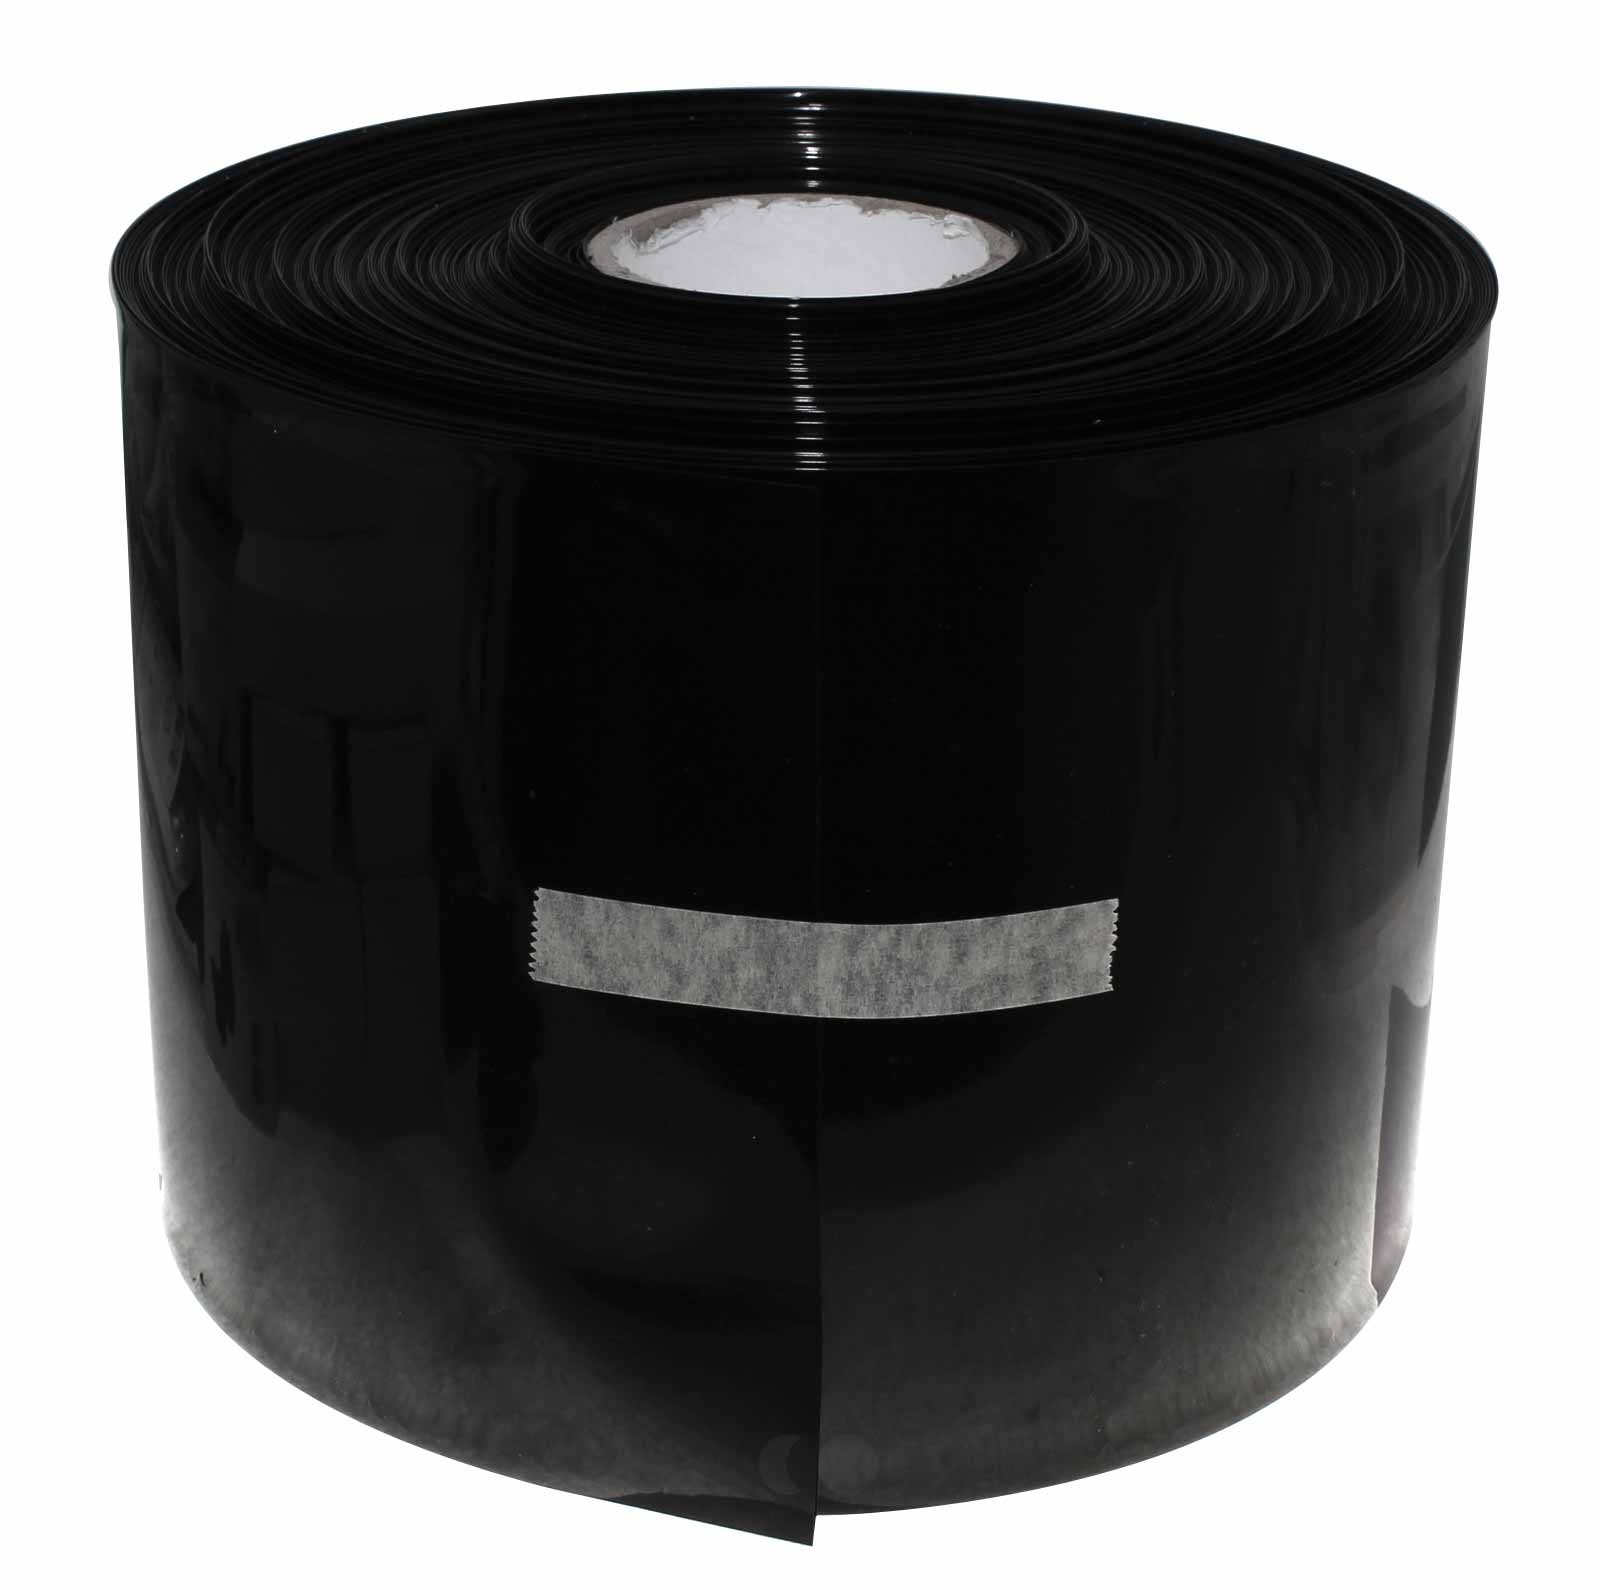 1 Meter Hart PVC Schrumpfschlauch, 200mm Flachmass, 0,1mm Wandstärke, schwarz